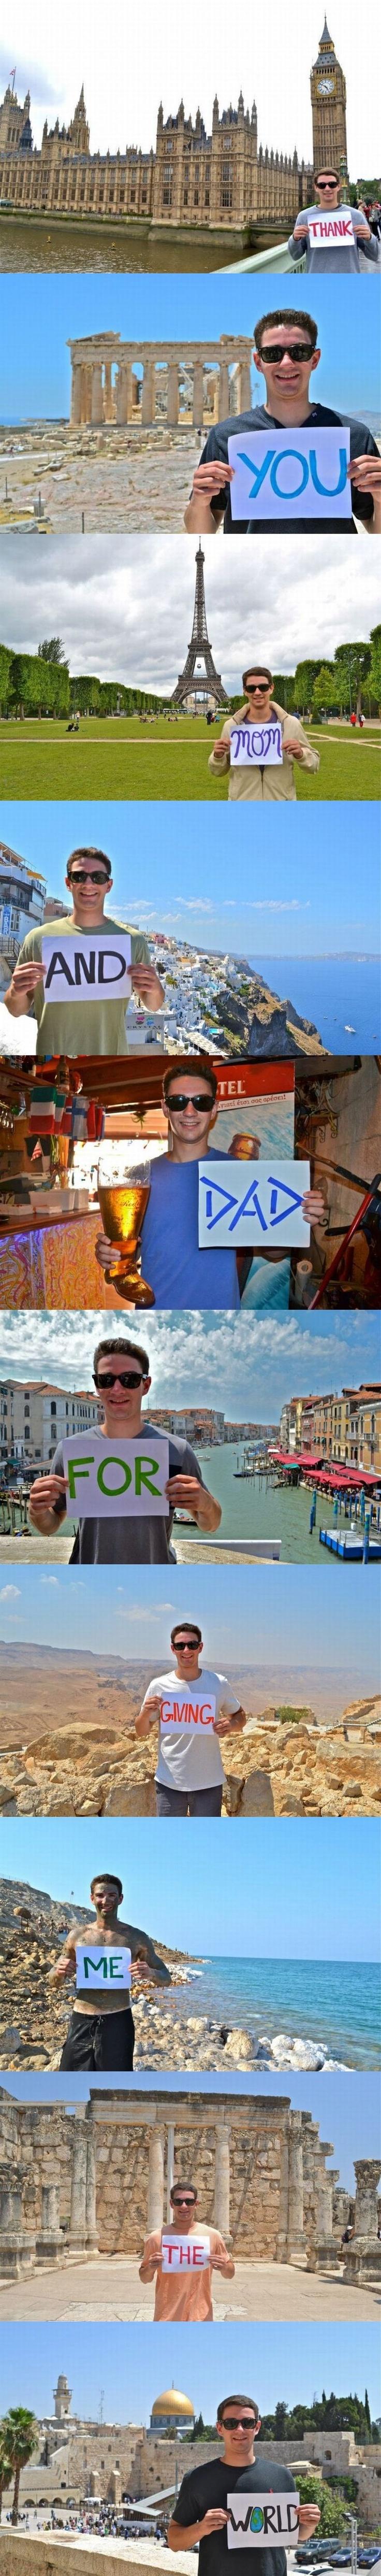 여행 중 부모에게 독특한 감사 인사를 전한 어느 청년